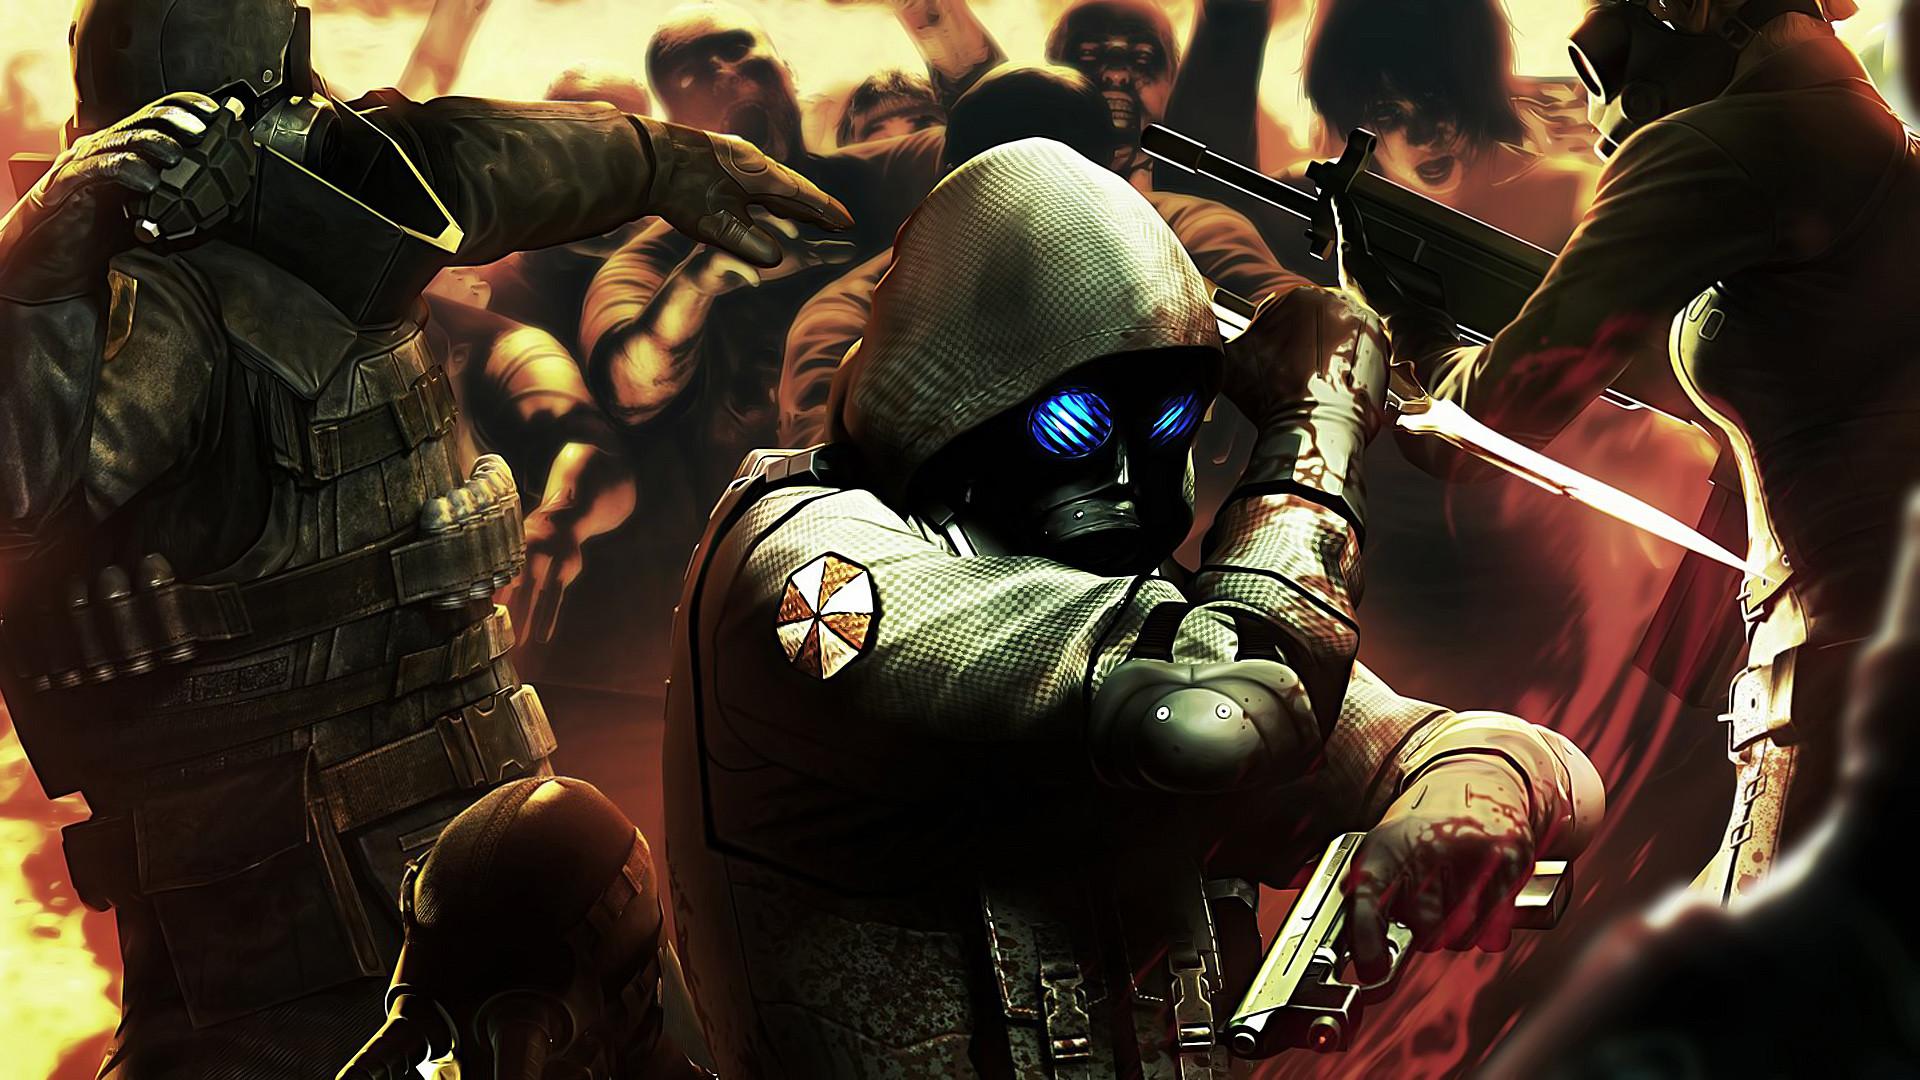 Resident Evil Operation Raccoon City HD desktop wallpaper High | HD  Wallpapers | Pinterest | Hd wallpaper and Wallpaper